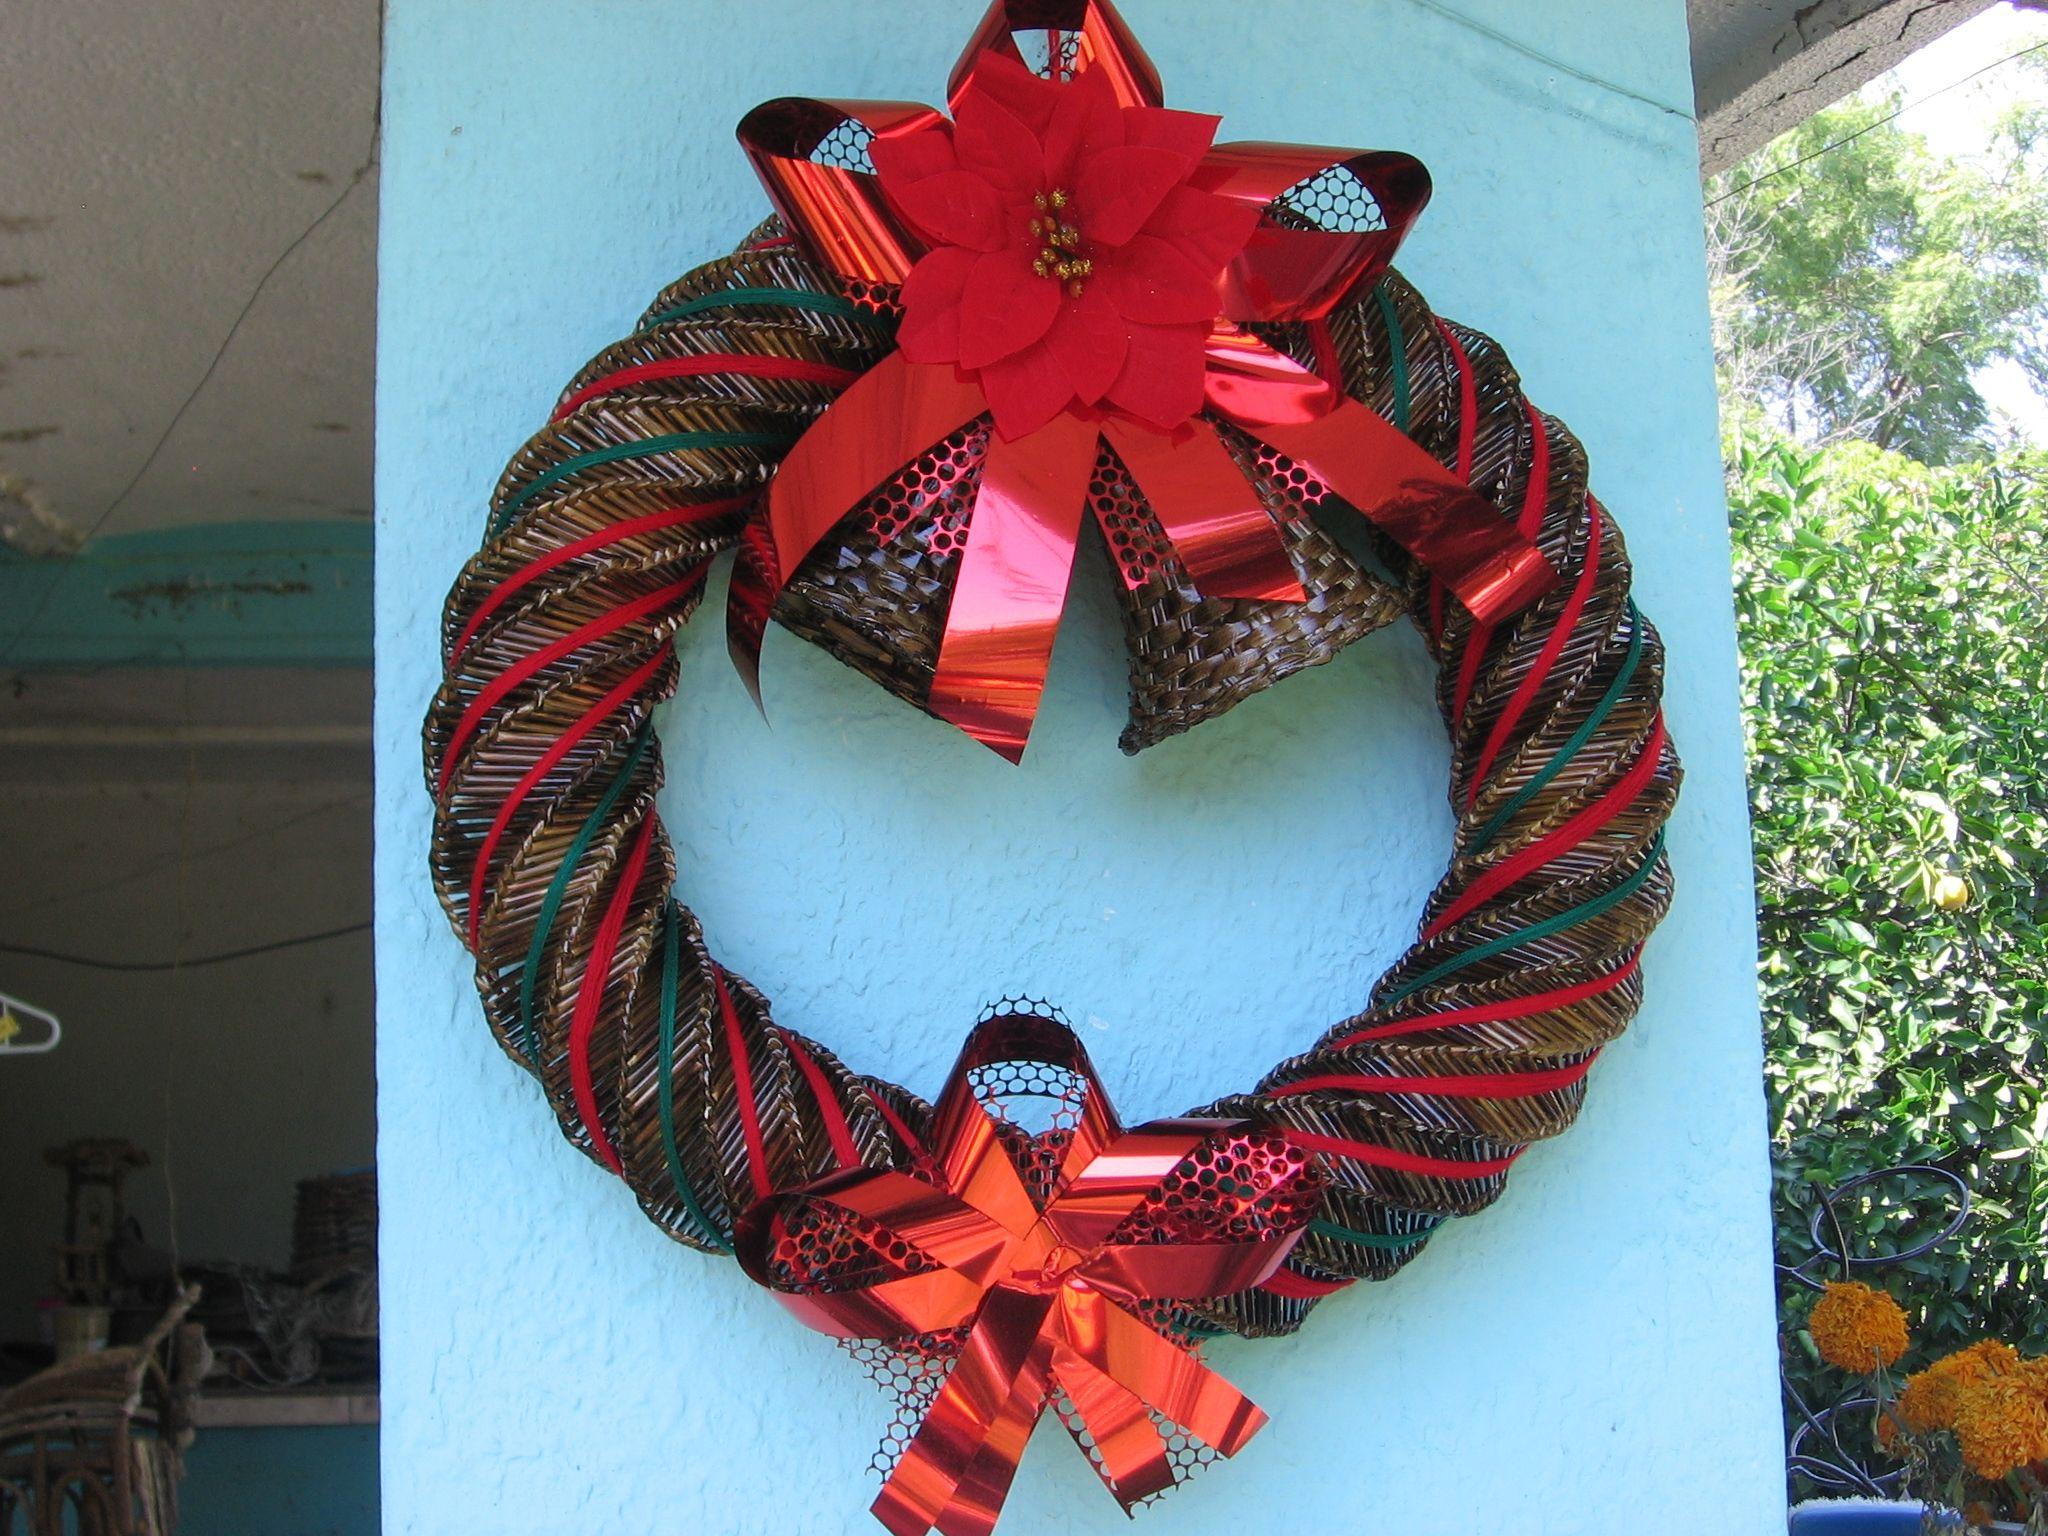 coronas navideñas fabricadas en popote de trigo  estambre de colores flor de tela campanas de petate  celofan  en diferentes colores y medidas envios a todo mexico